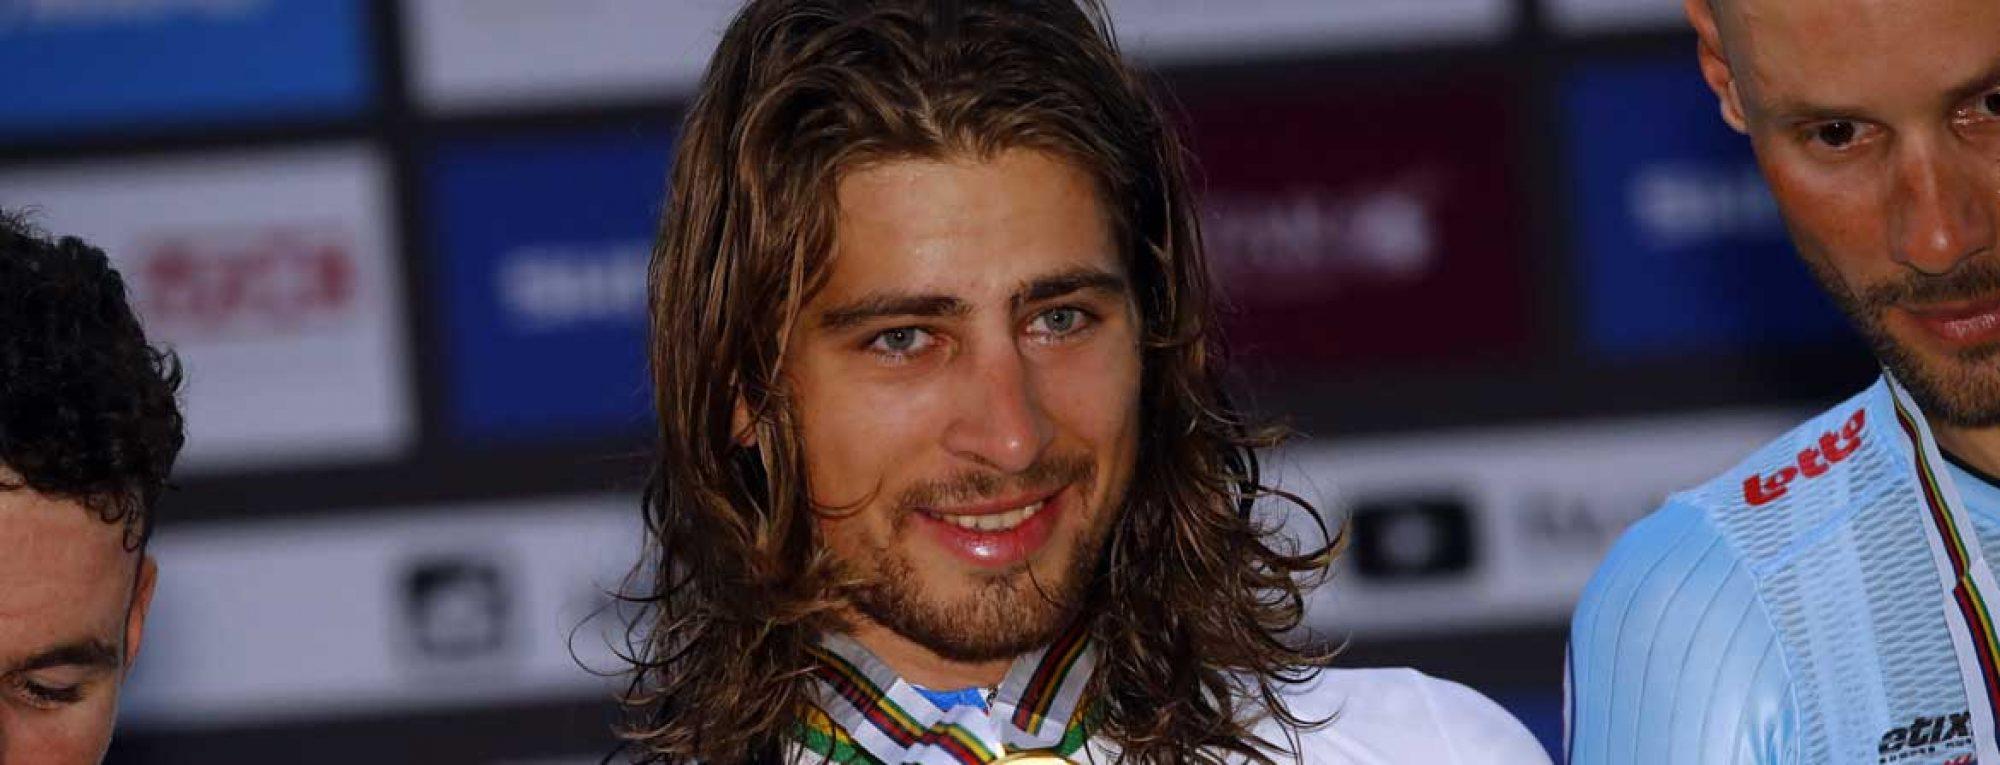 Cyklokempy Petra Sagana